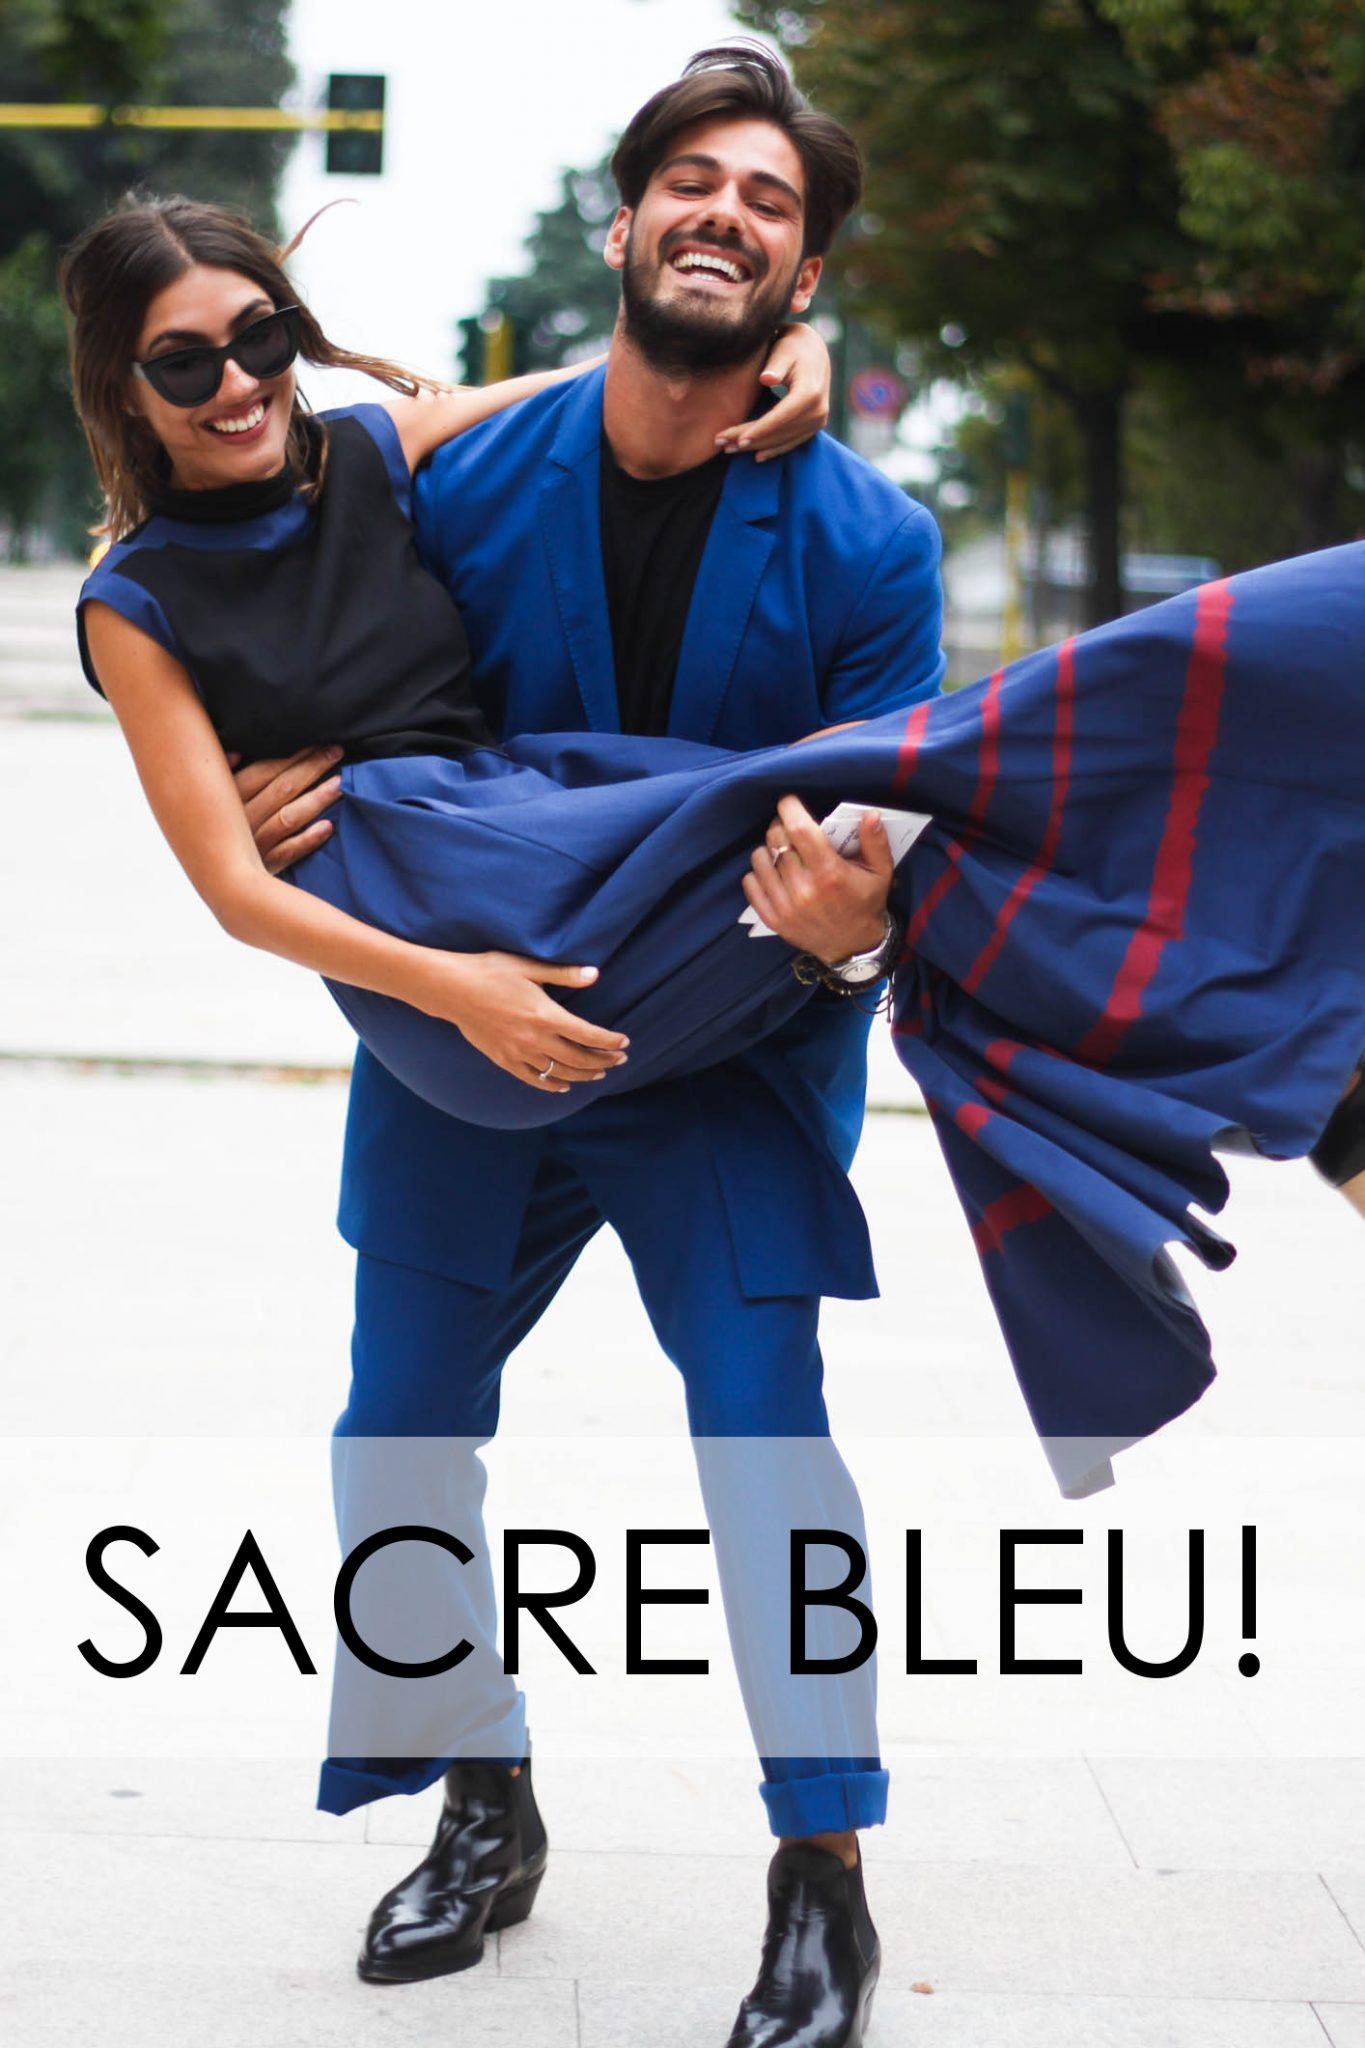 sacre bleu title photo